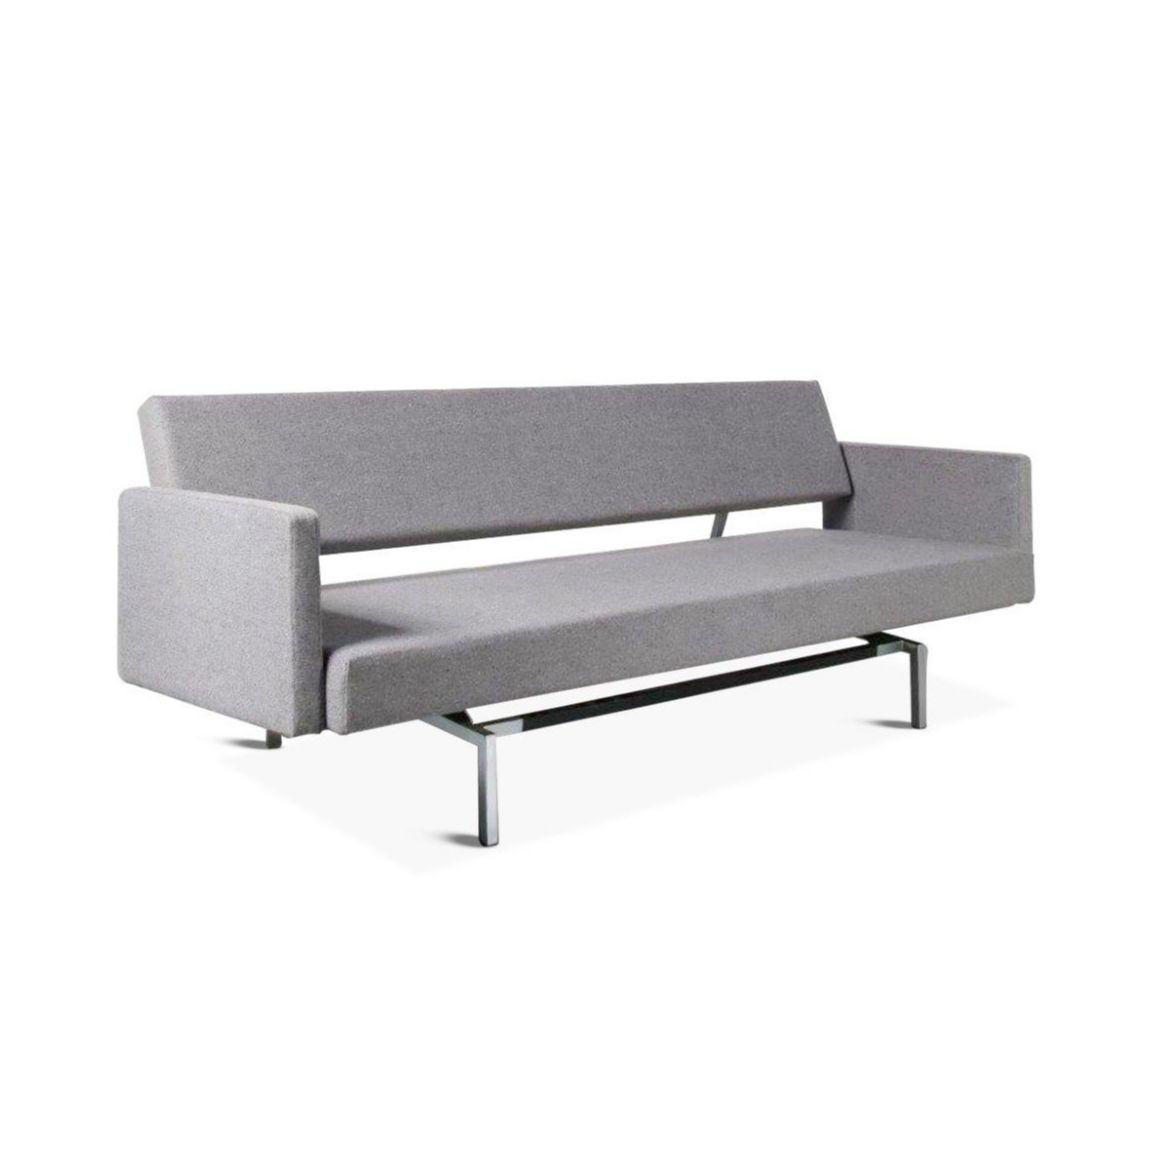 Martin Visser Sleeping Sofa For T